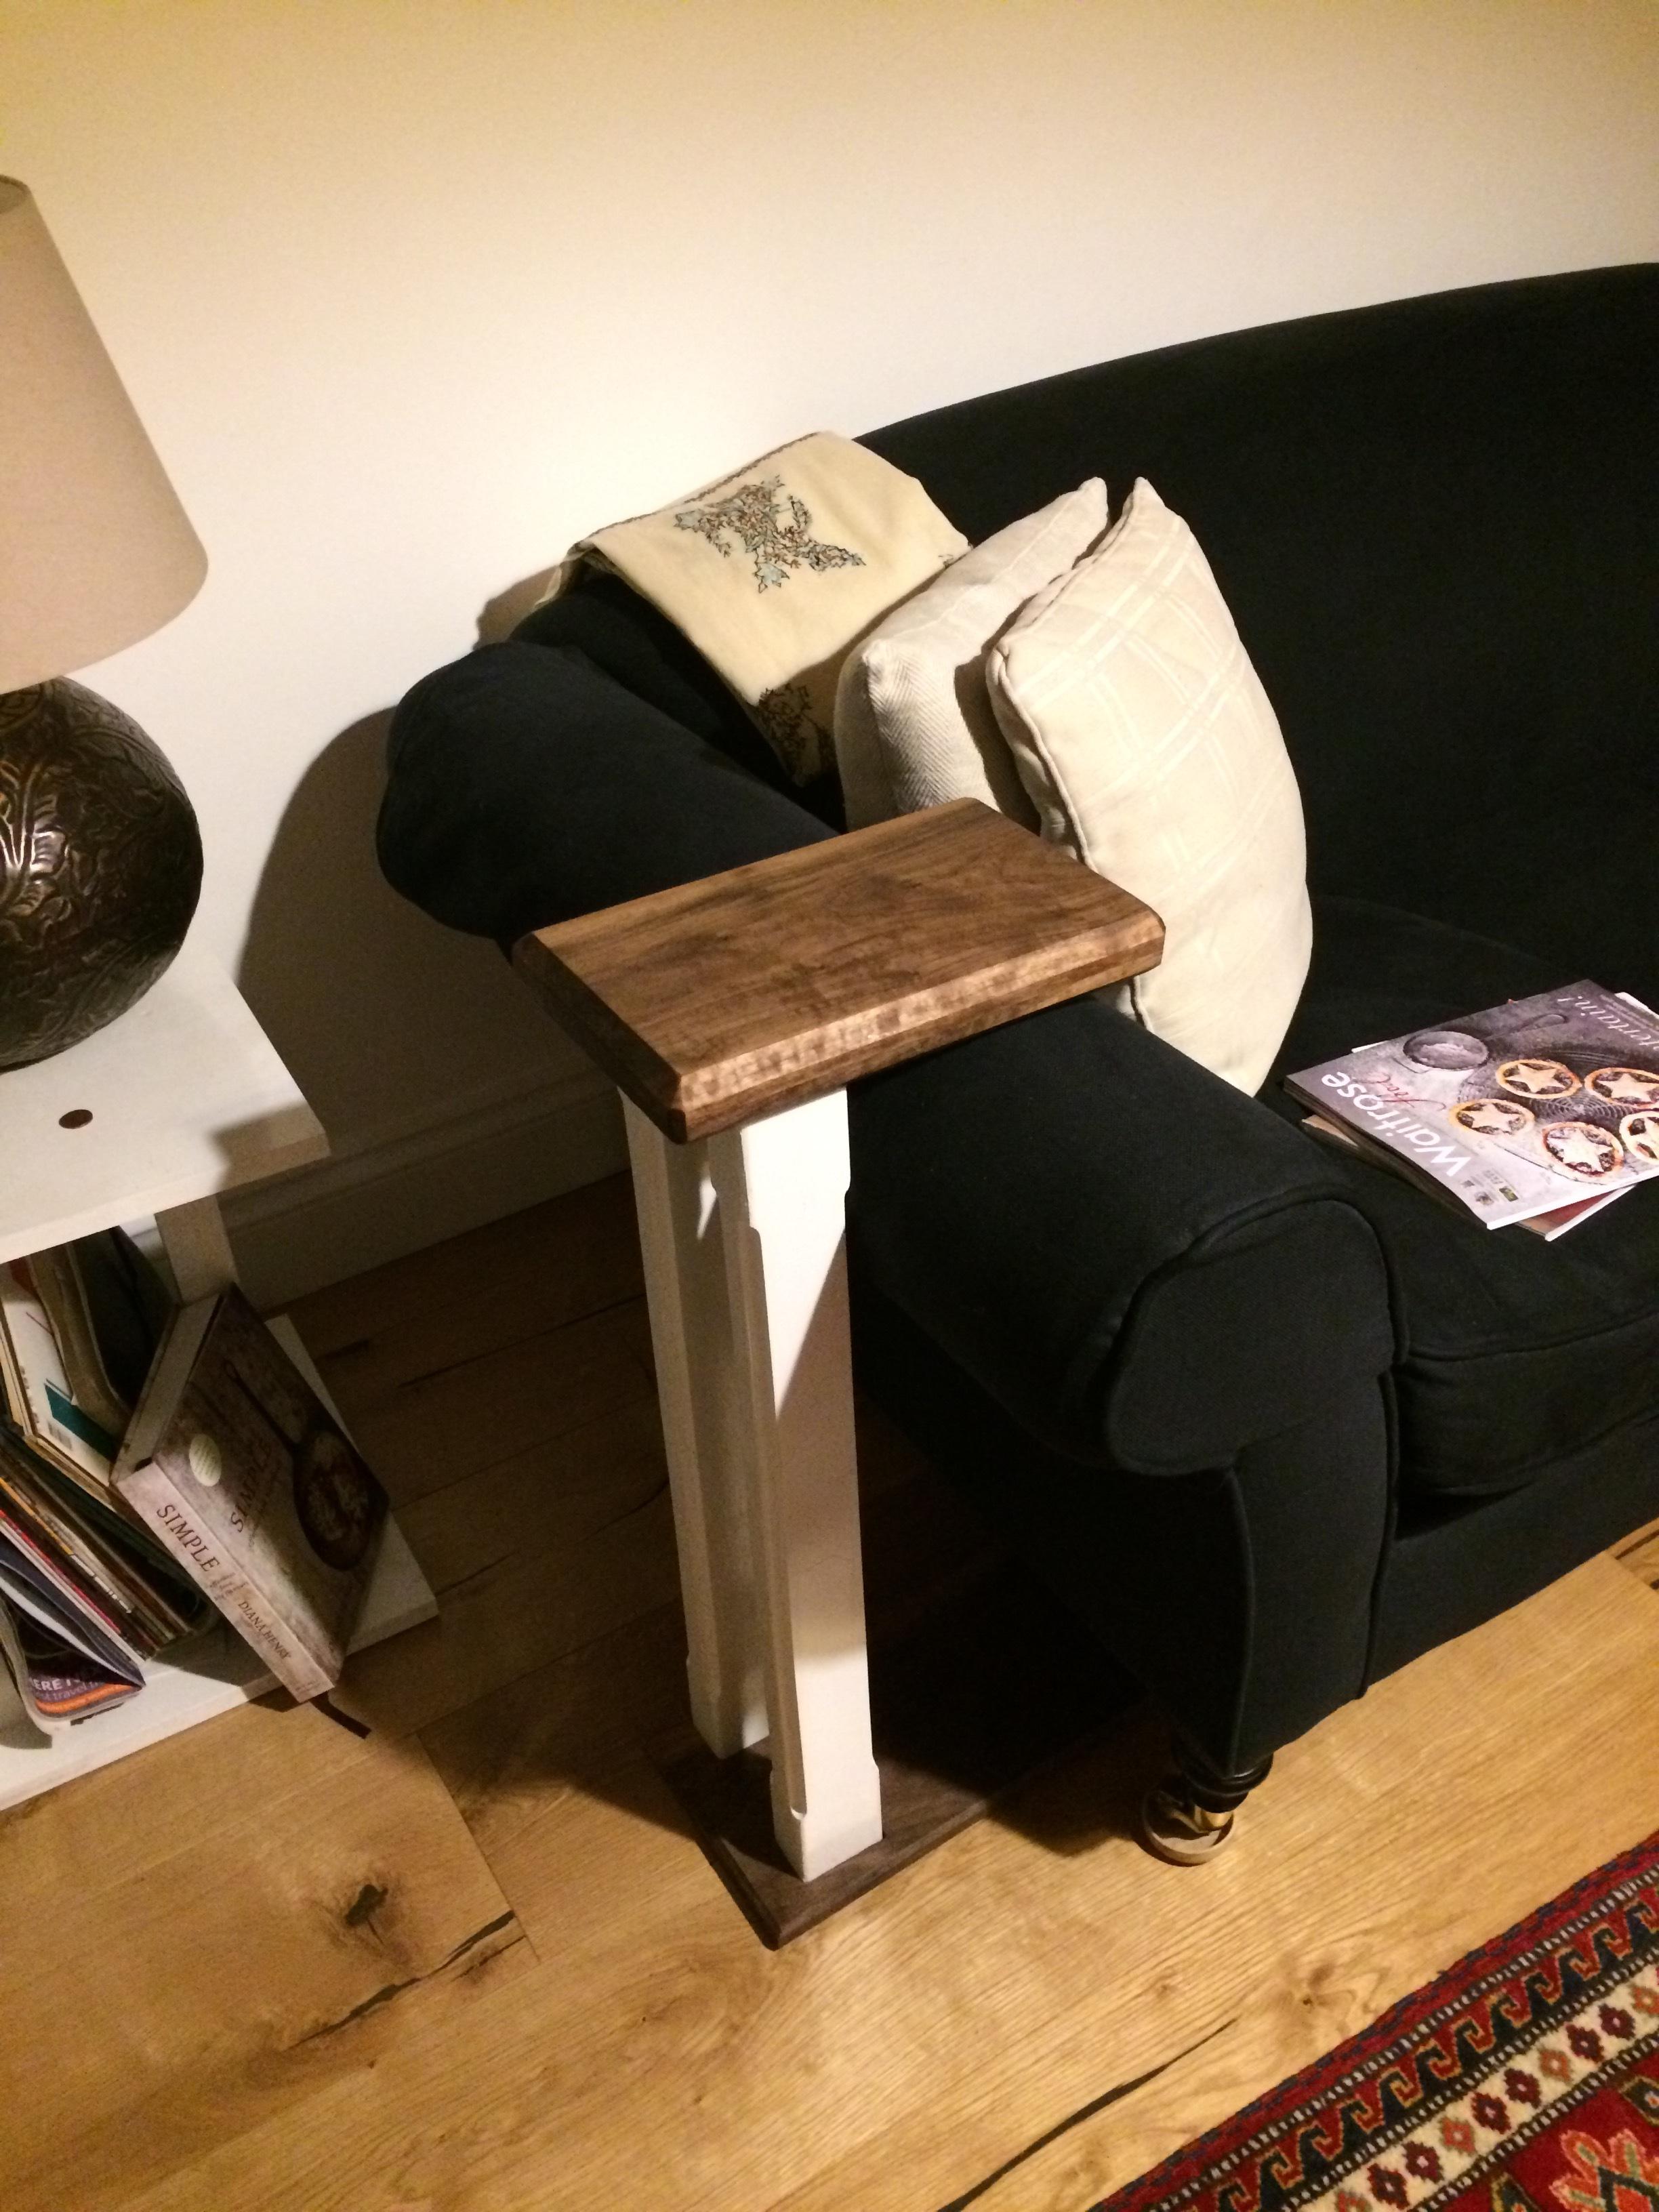 Sofa table in situ